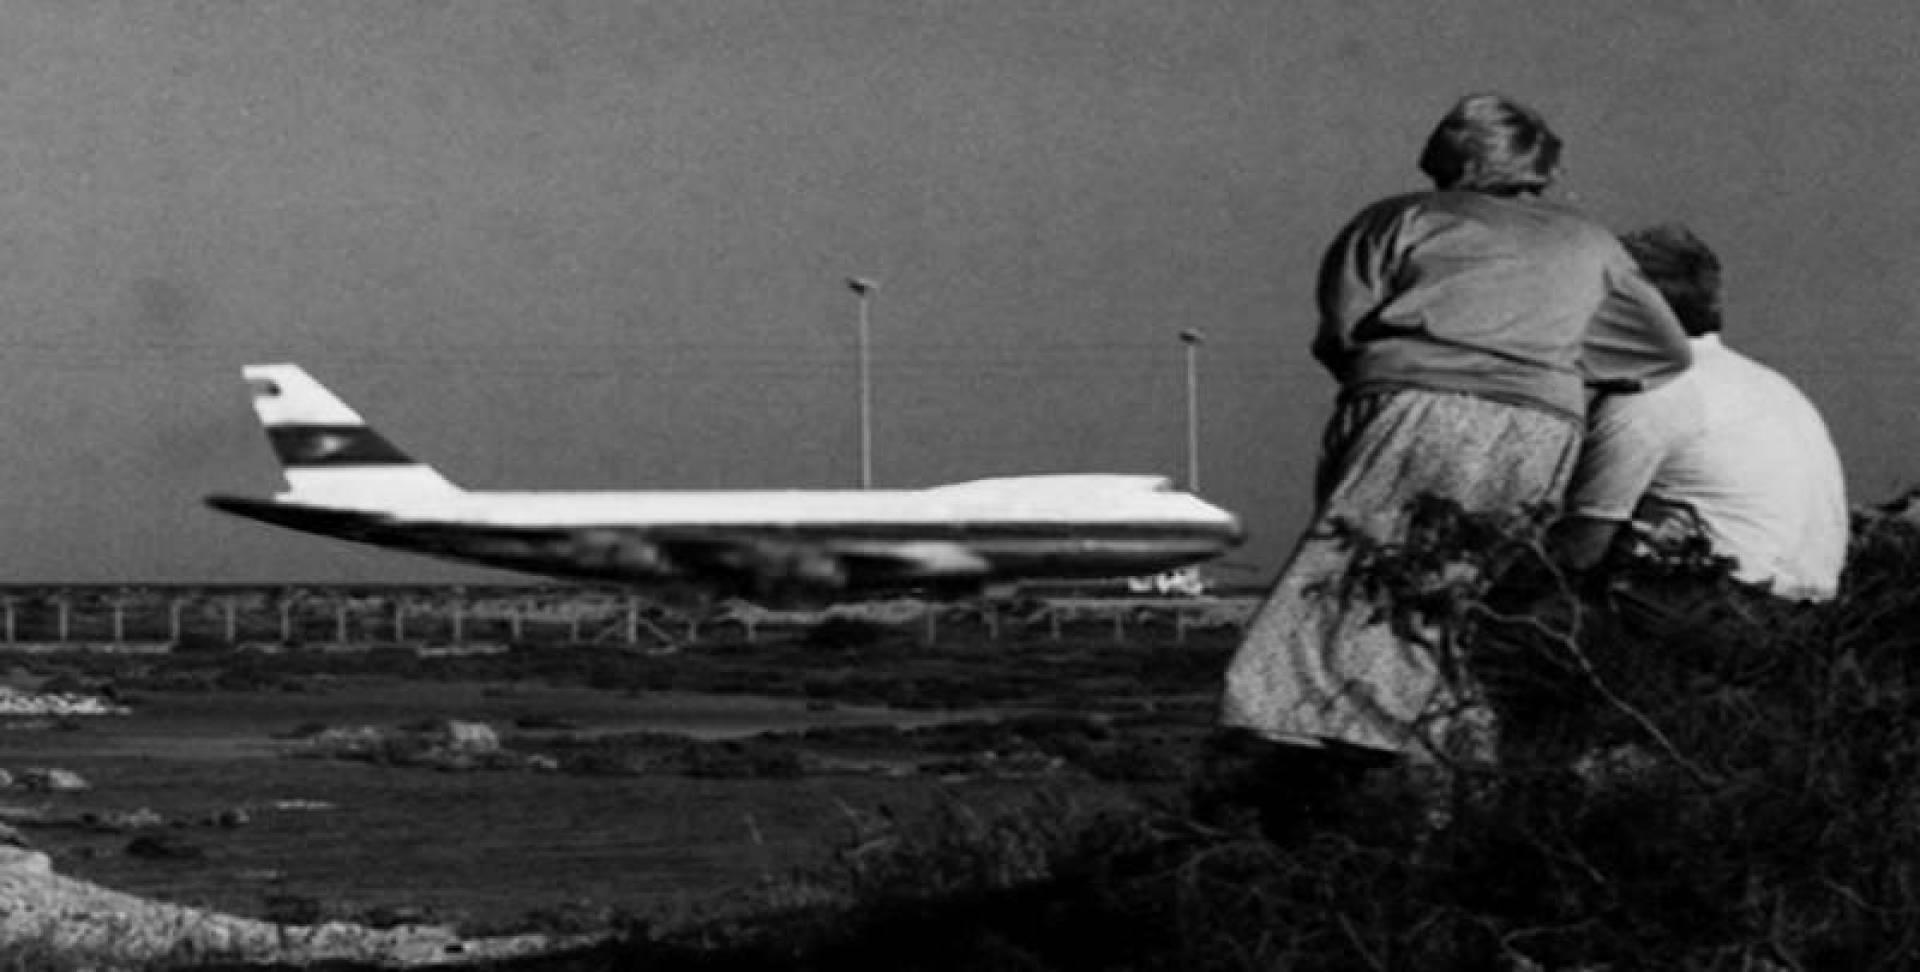 قبرصيان يتأملان طائرة الجابرية المختطفة على مهبط مطار لارنكا